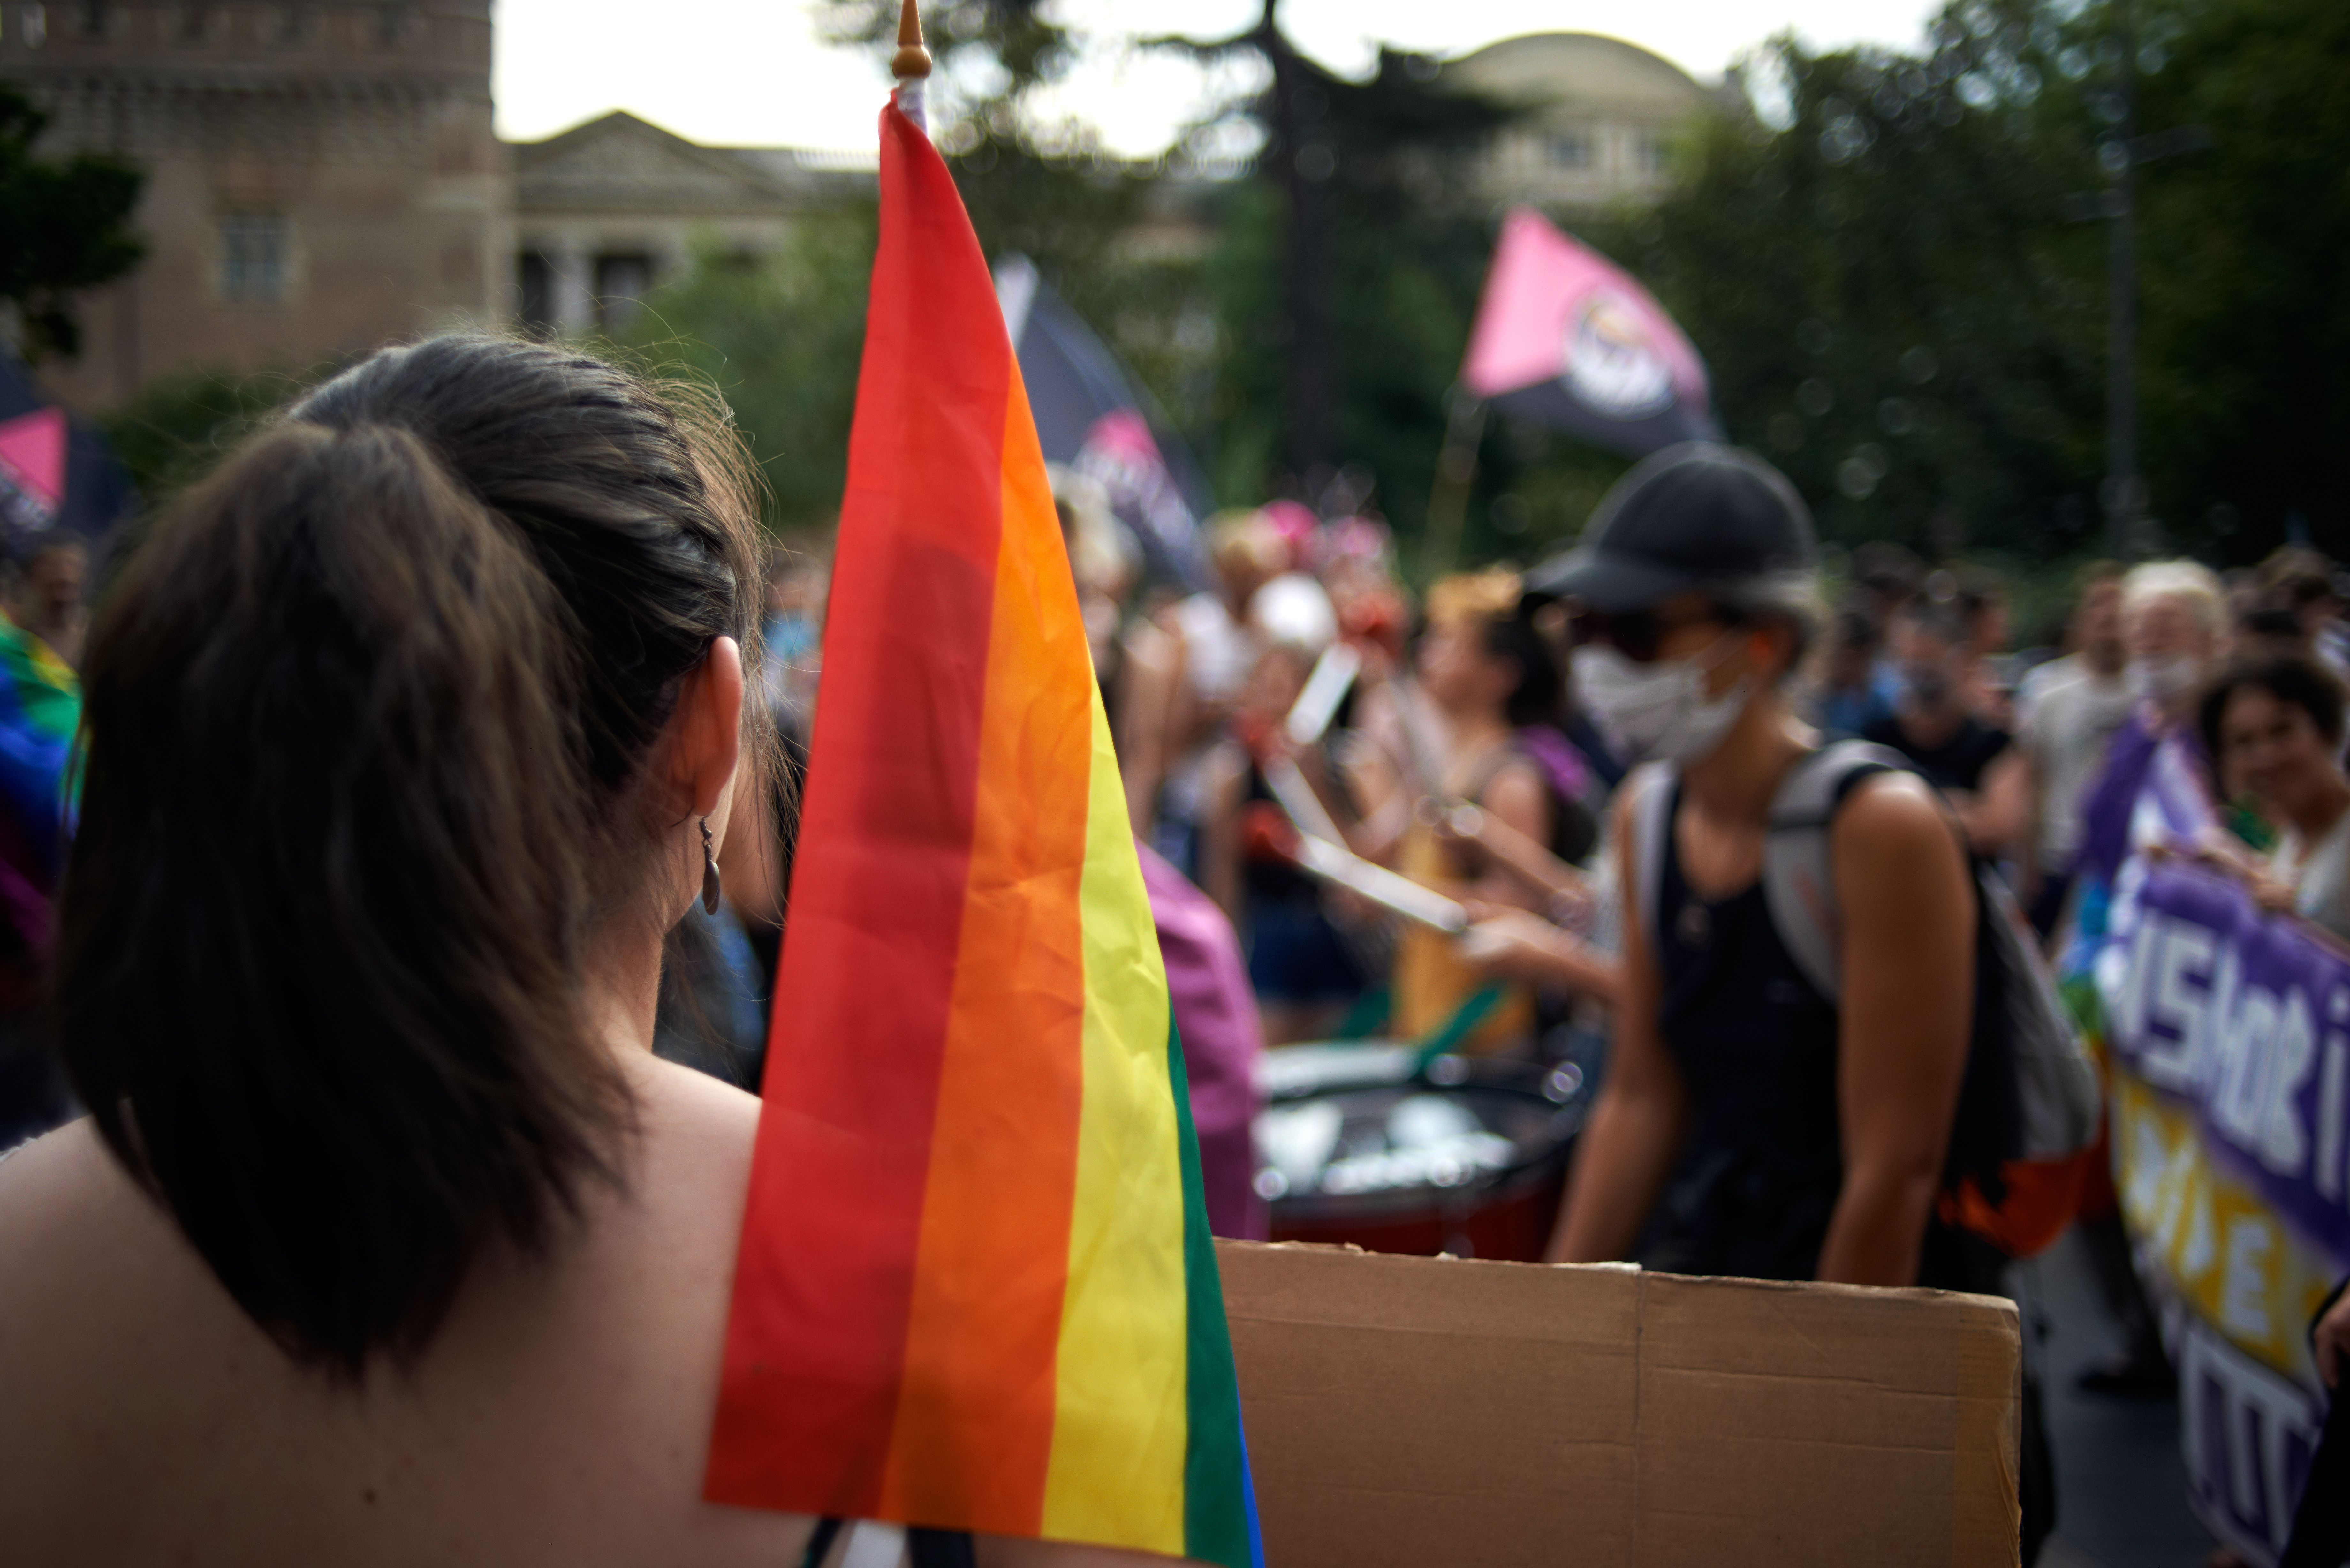 Megtagadta a kormányhivatal a családi pótlékot egy leszbikus pártól, de a per előtt gyorsan visszaléptek